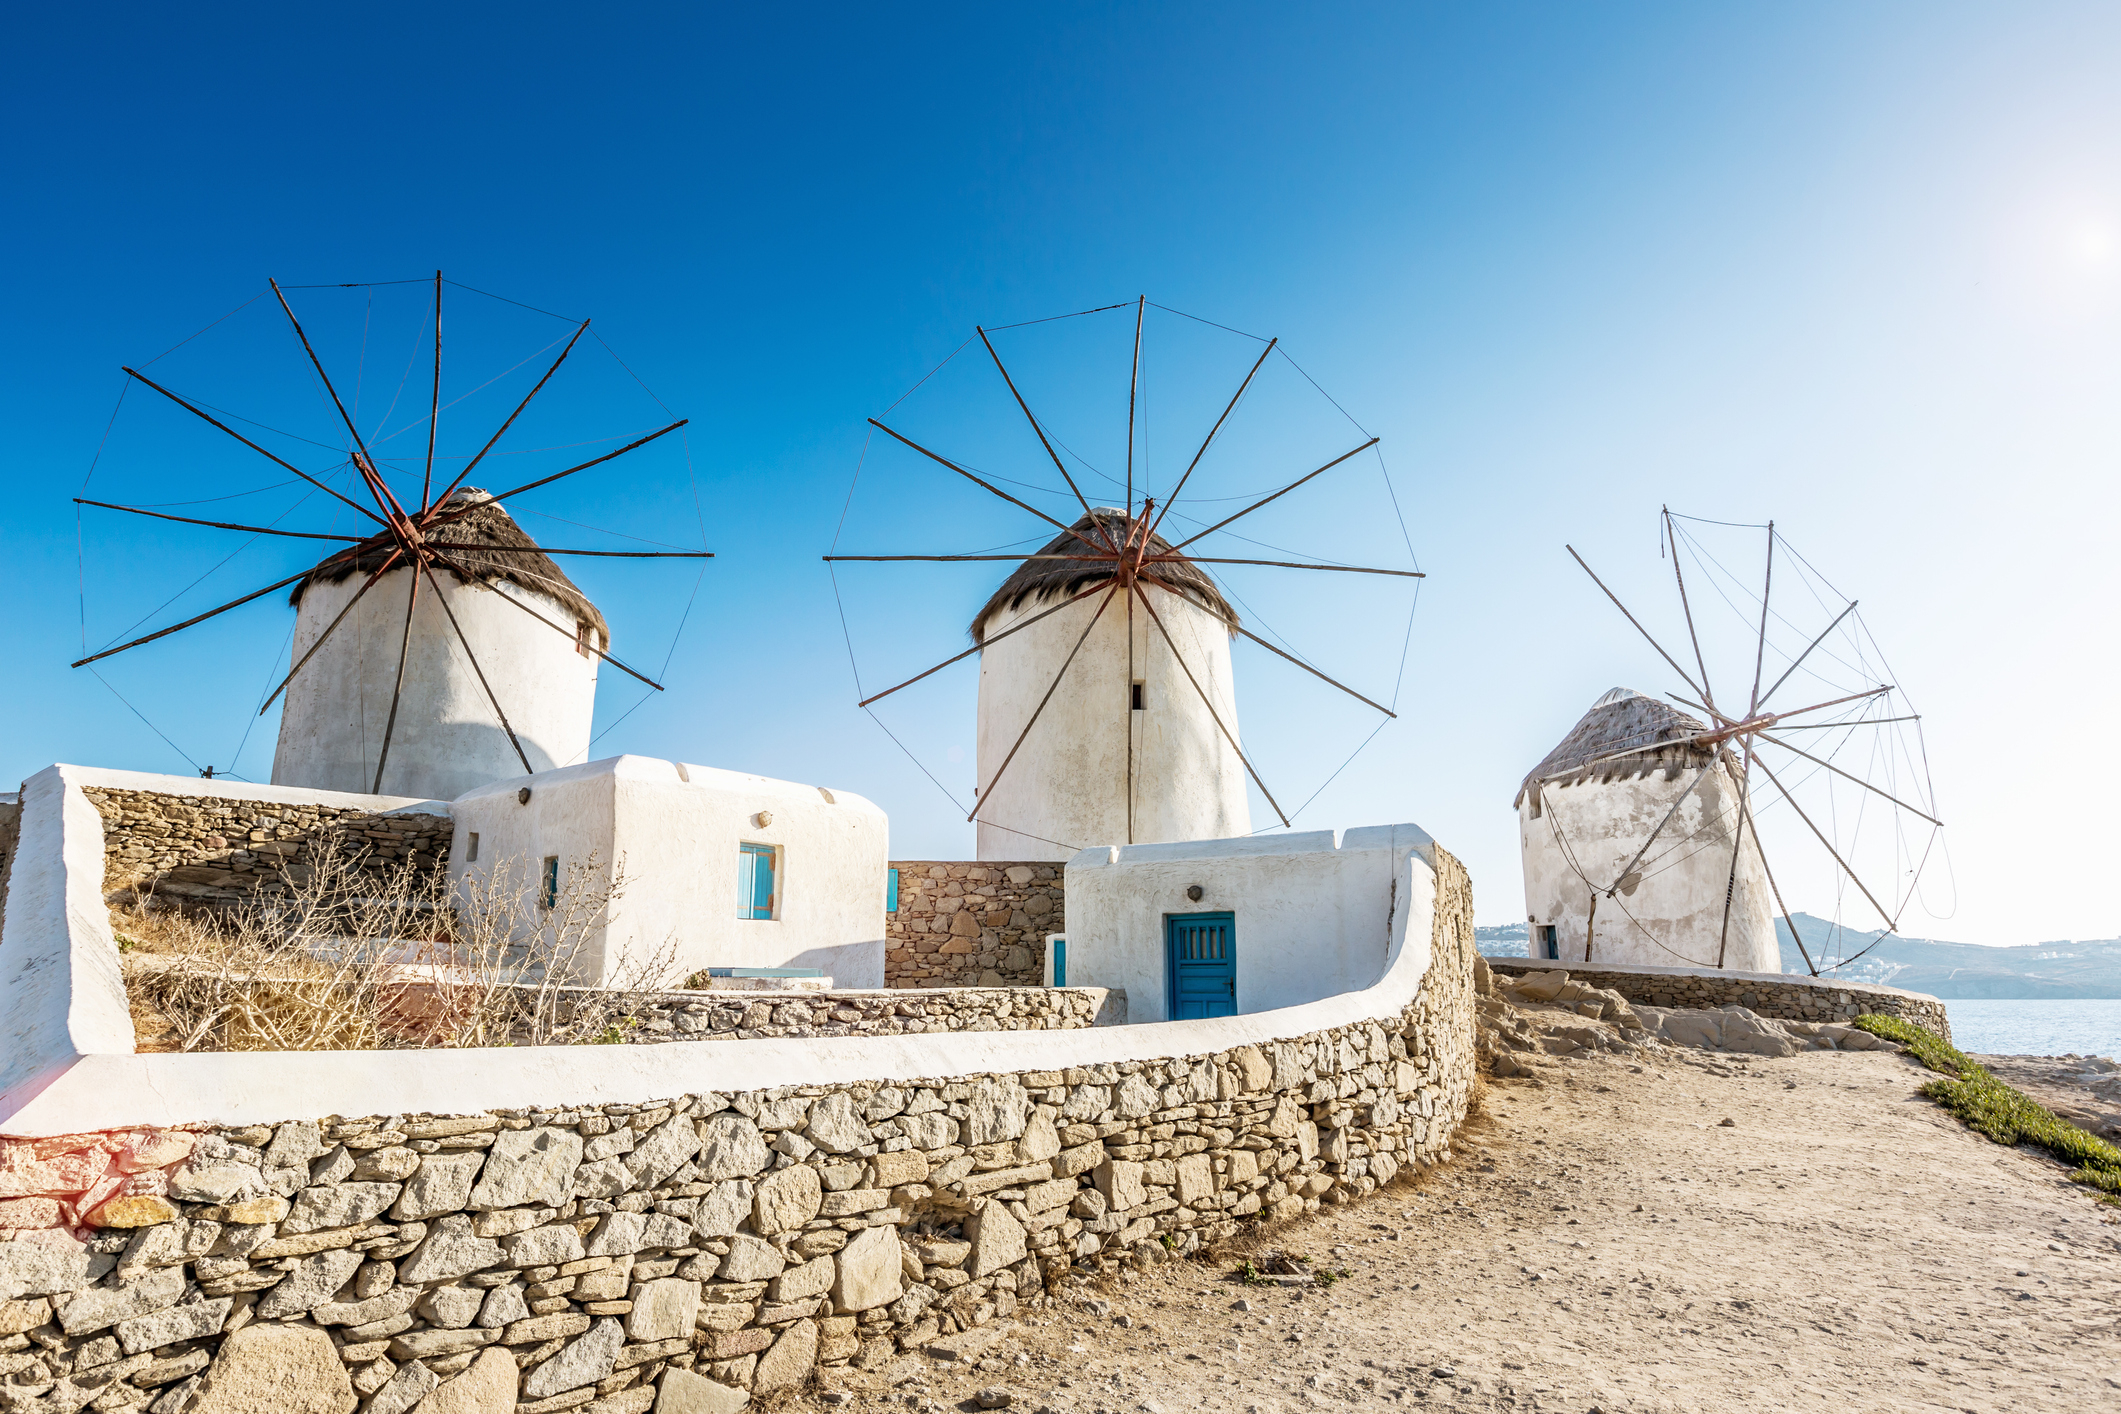 Die fünf weißen Windmühlen Kato Mili sind das Wahrzeichen der Insel Mykonos.